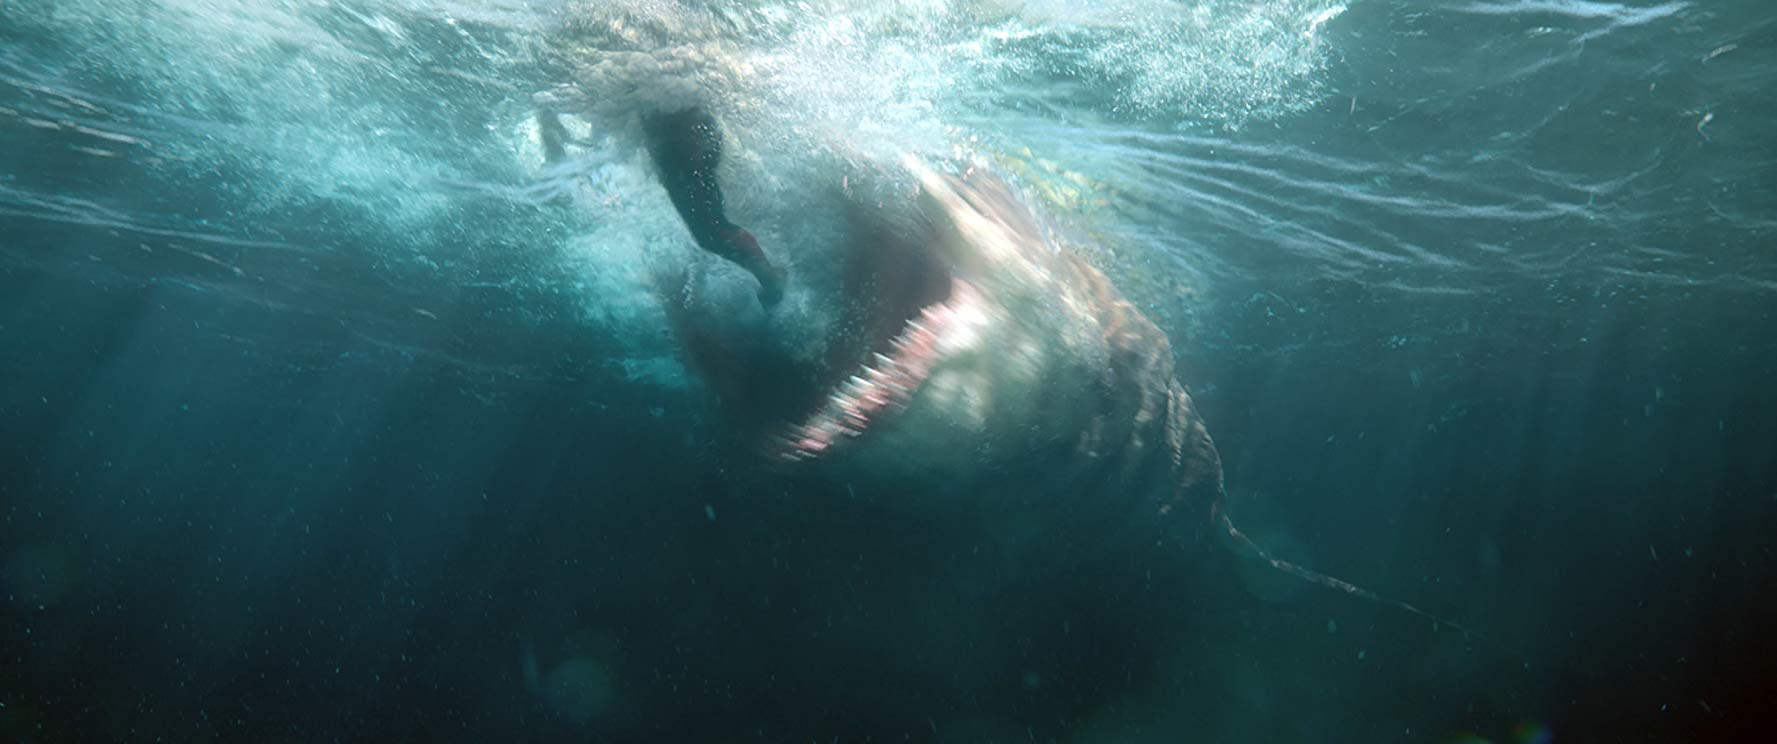 『MEG ザ・モンスター』は、4DXやIMAXで見たほうが良かったかも?サメのメガロドンの迫力がすごい!